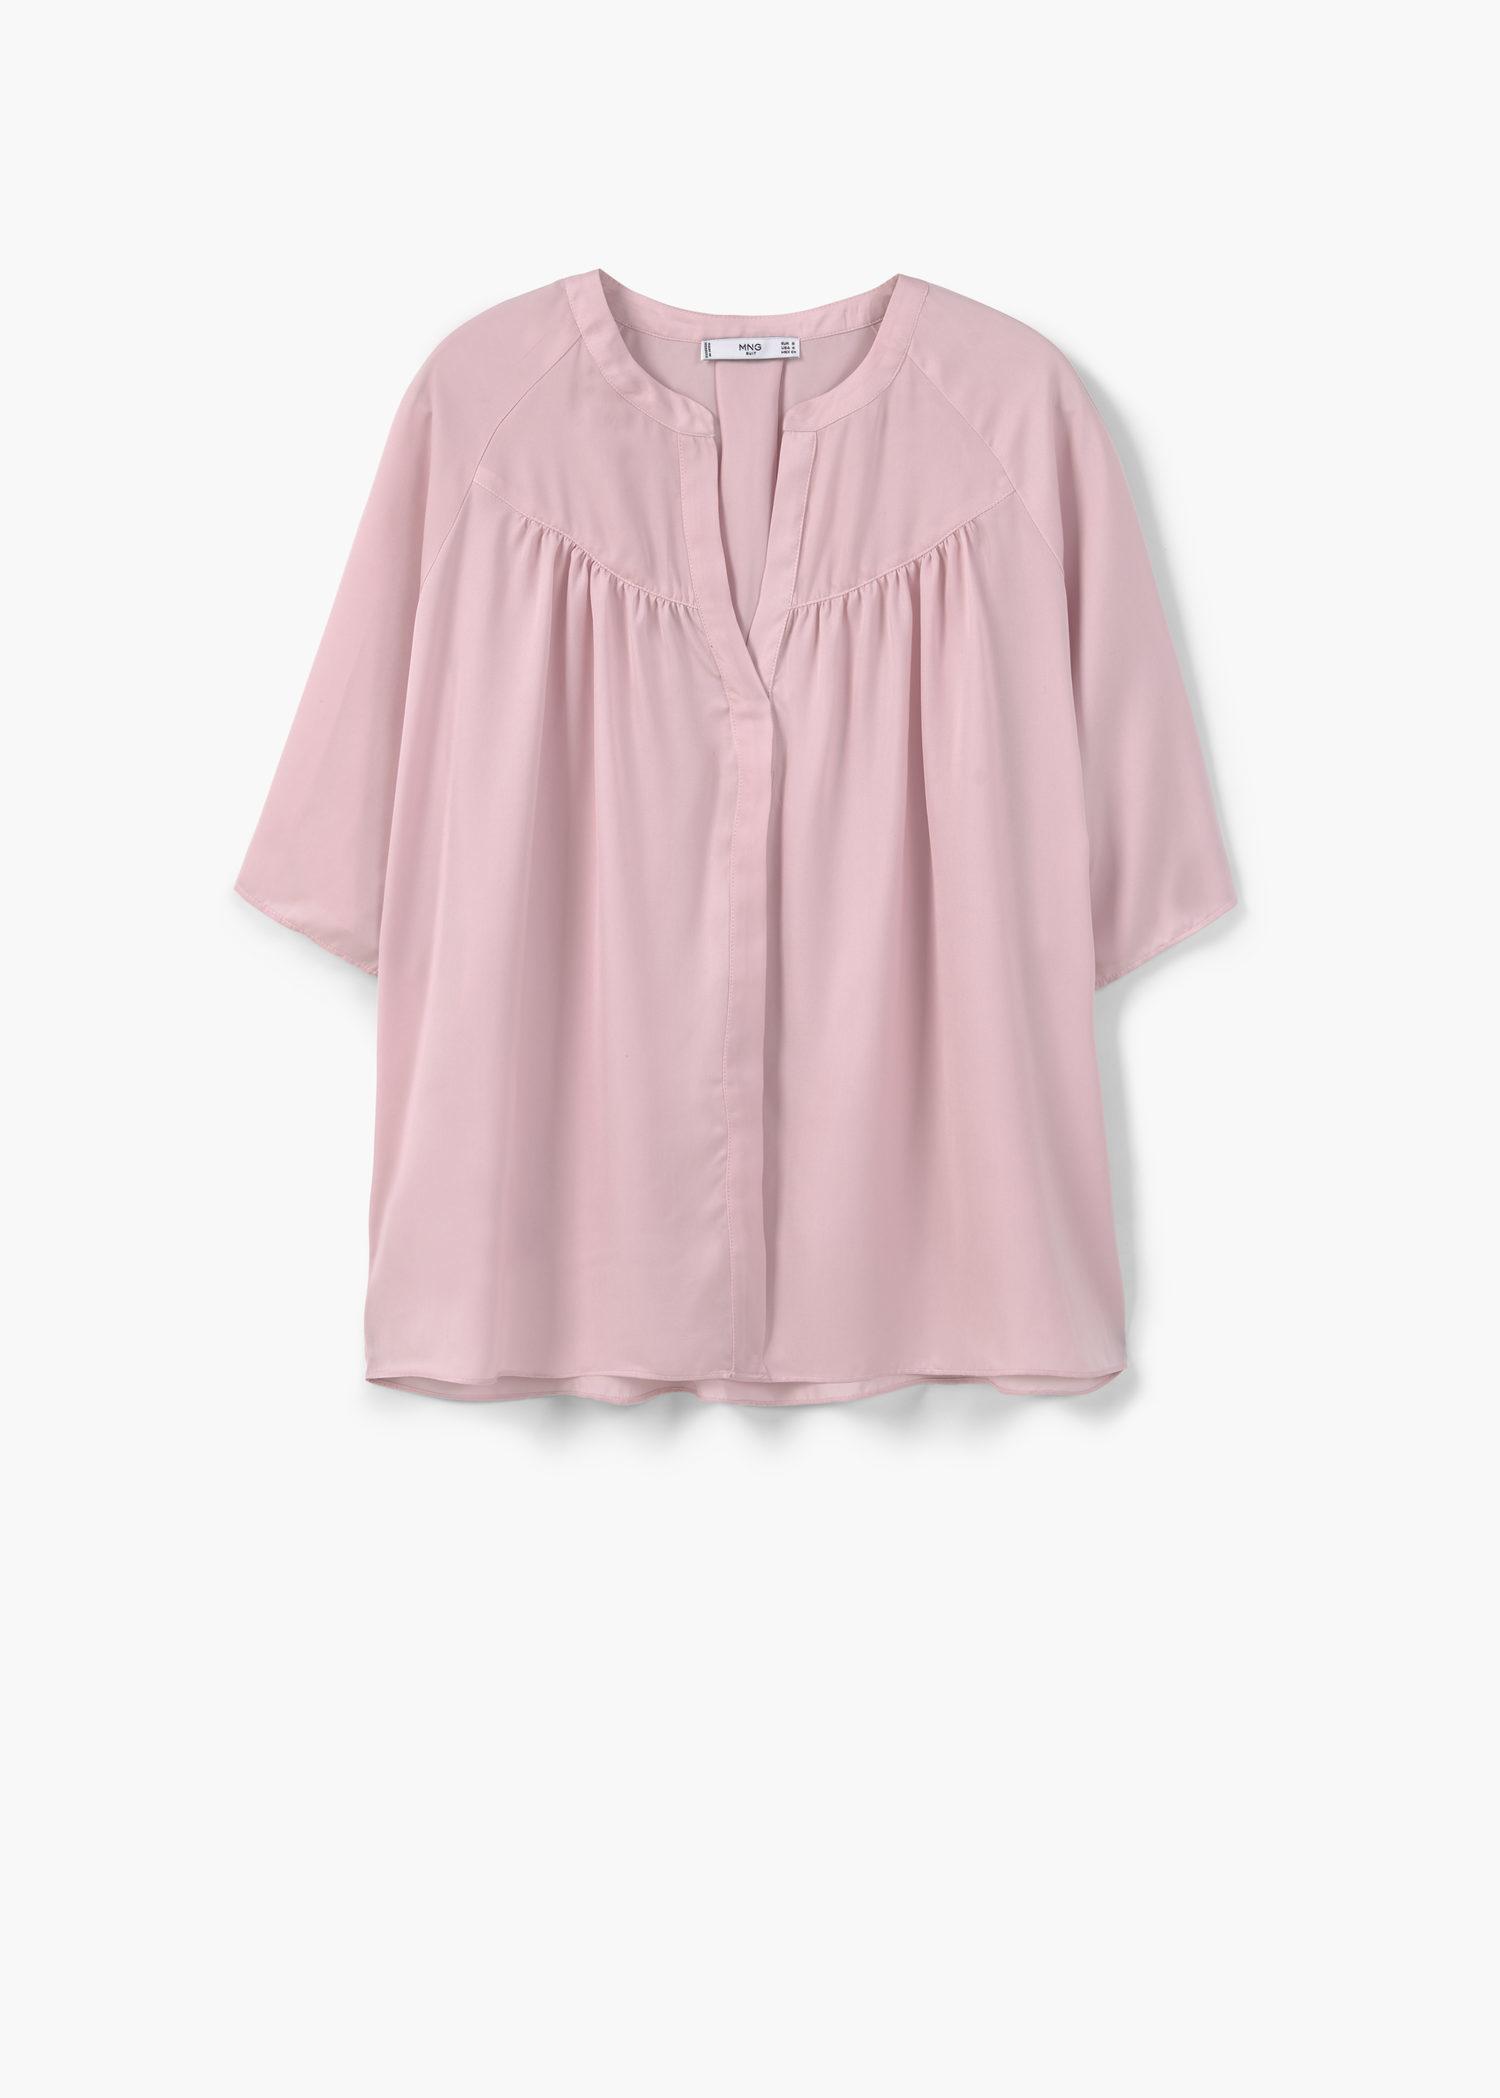 Mango Flowy Blouse in Pink | Lyst